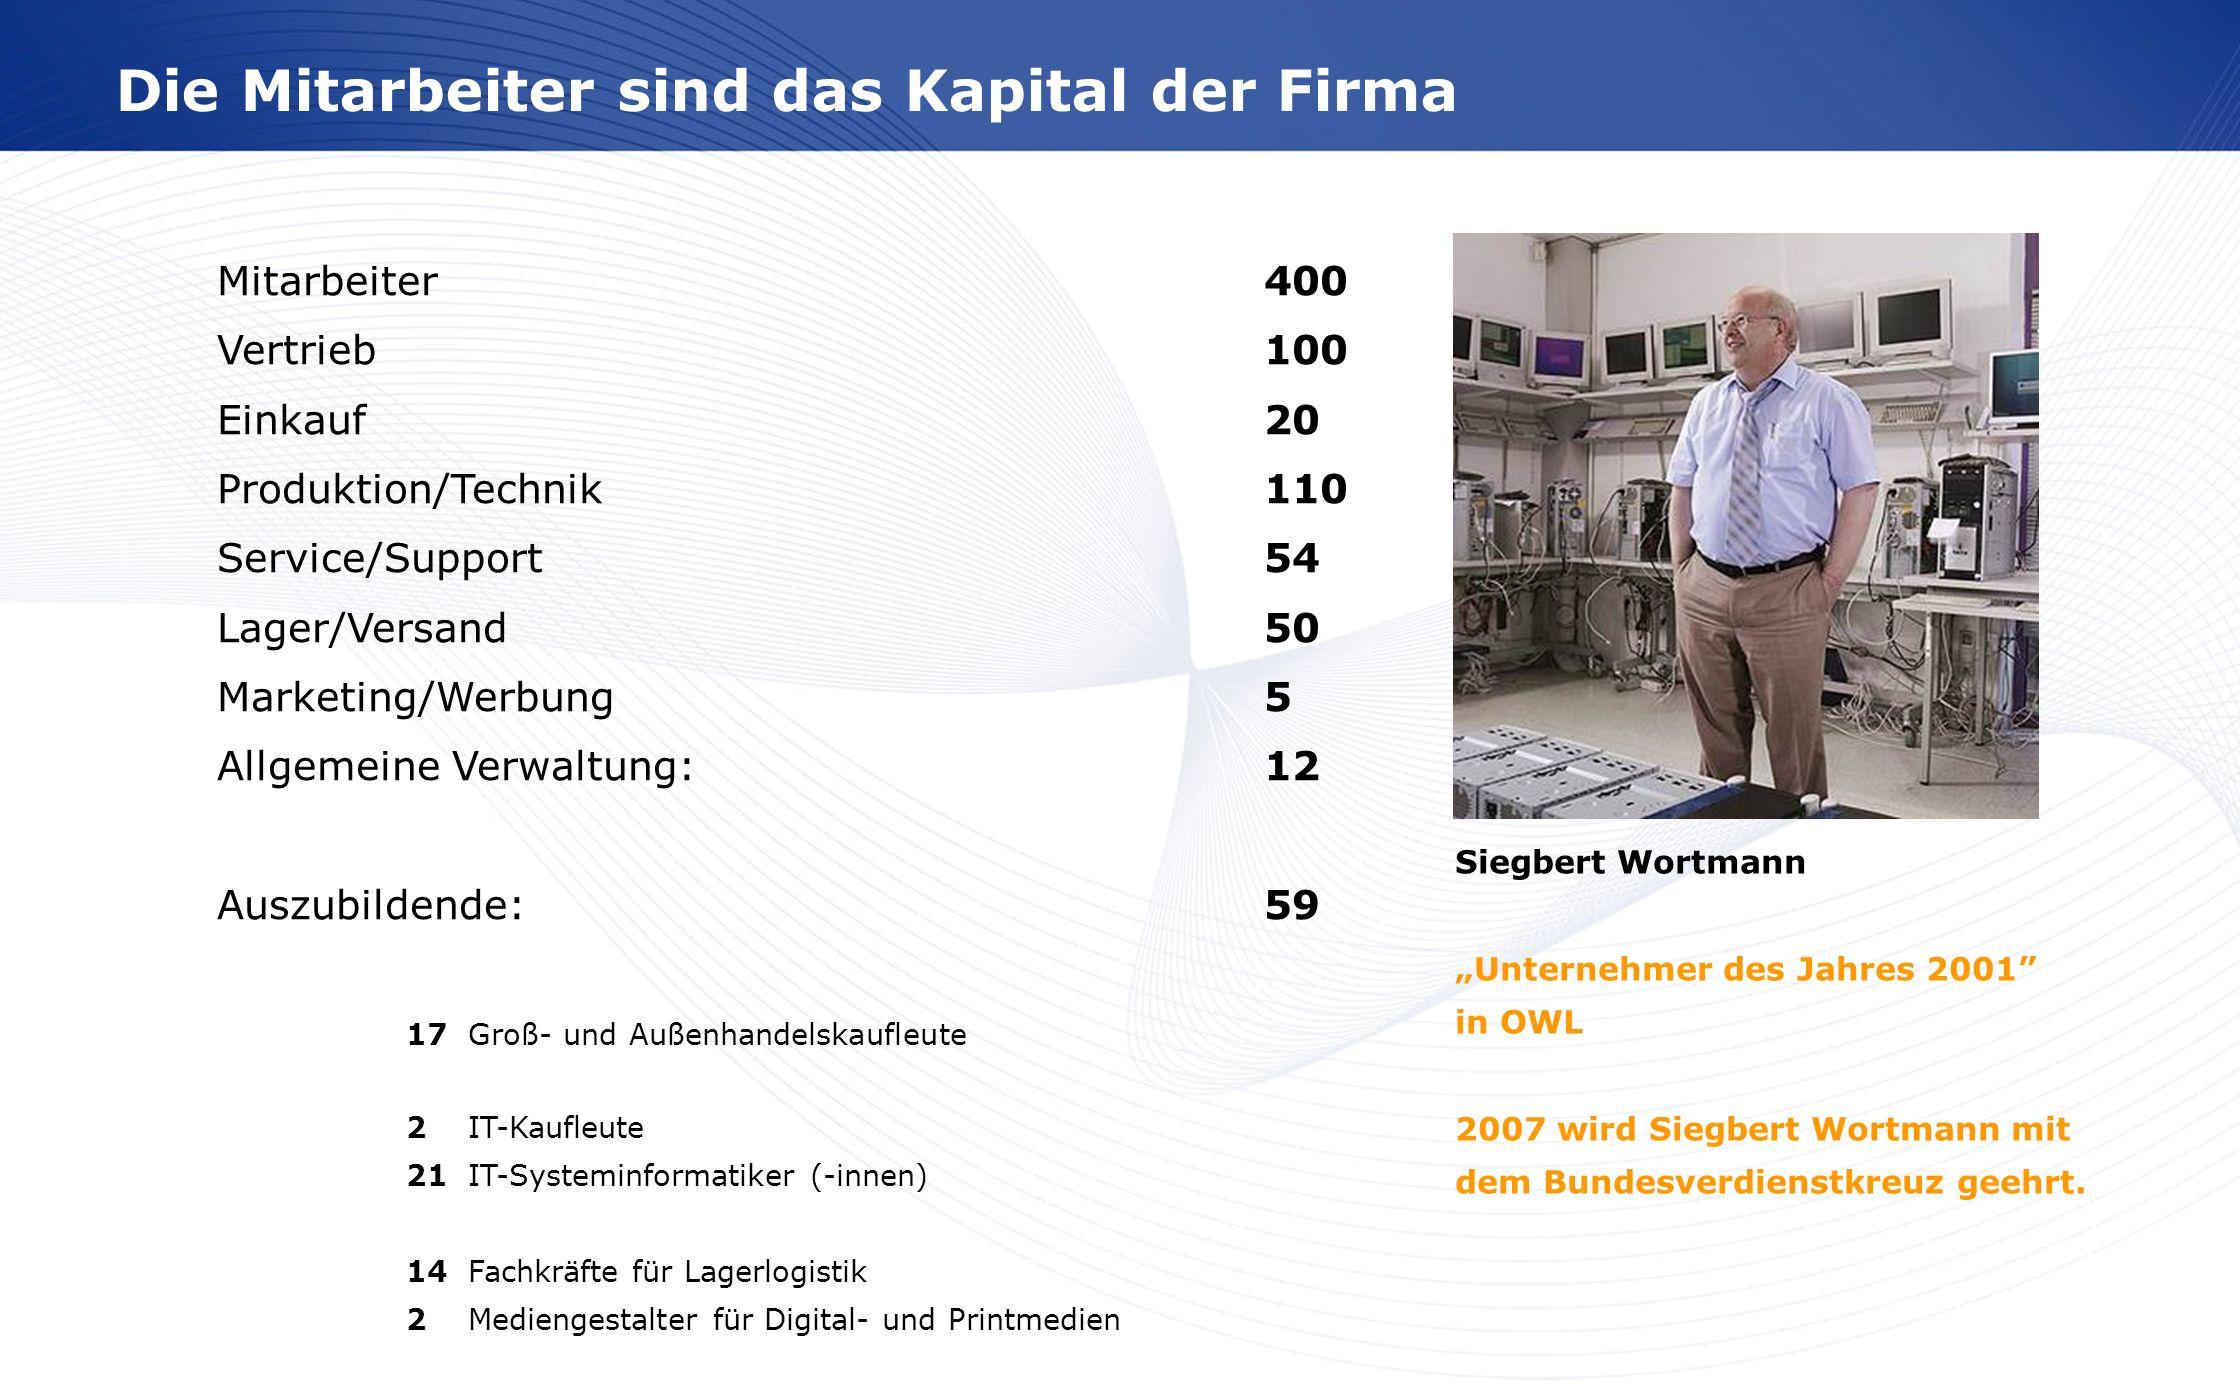 www.wortmann.de Mitarbeiter 400 Vertrieb 100 Einkauf 20 Produktion/Technik 110 Service/Support 54 Lager/Versand 50 Marketing/Werbung 5 Allgemeine Verw